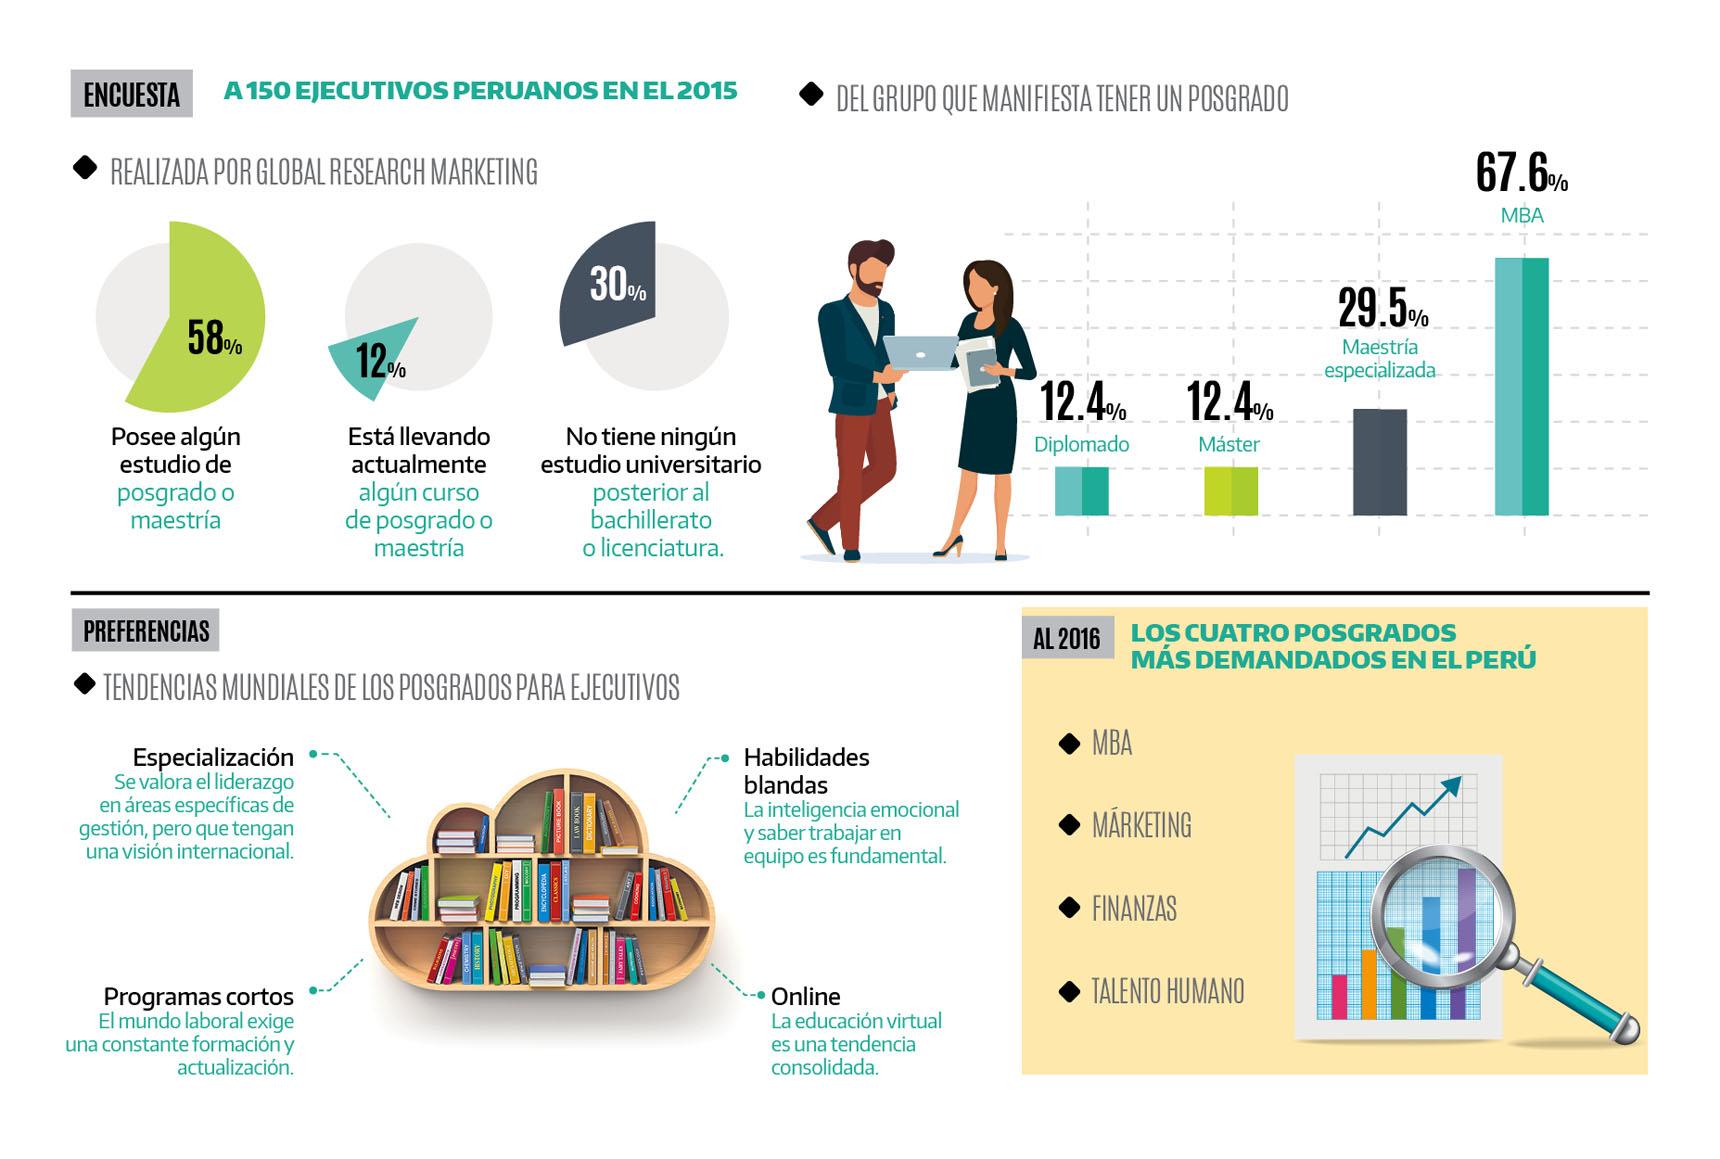 Los programas de posgrados que prefieren los peruanos